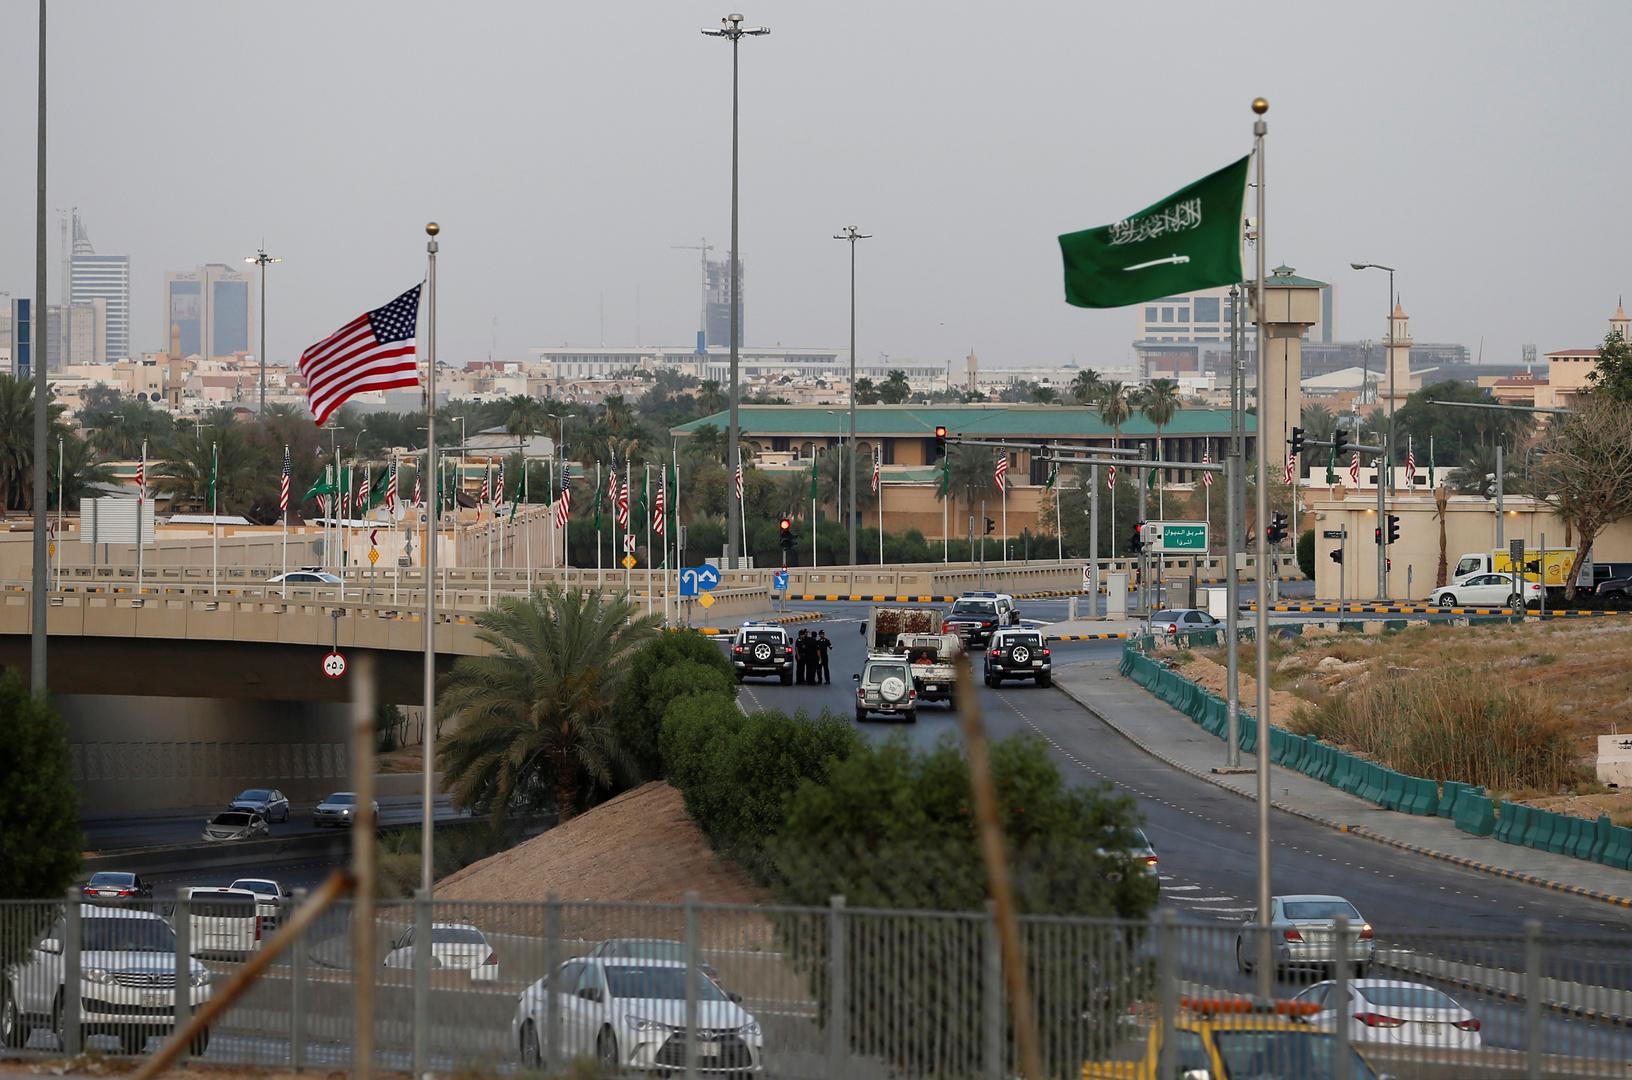 مسؤول أمريكي: الولايات المتحدة لا يمكنها حل الأزمة اليمنية دون السعودية